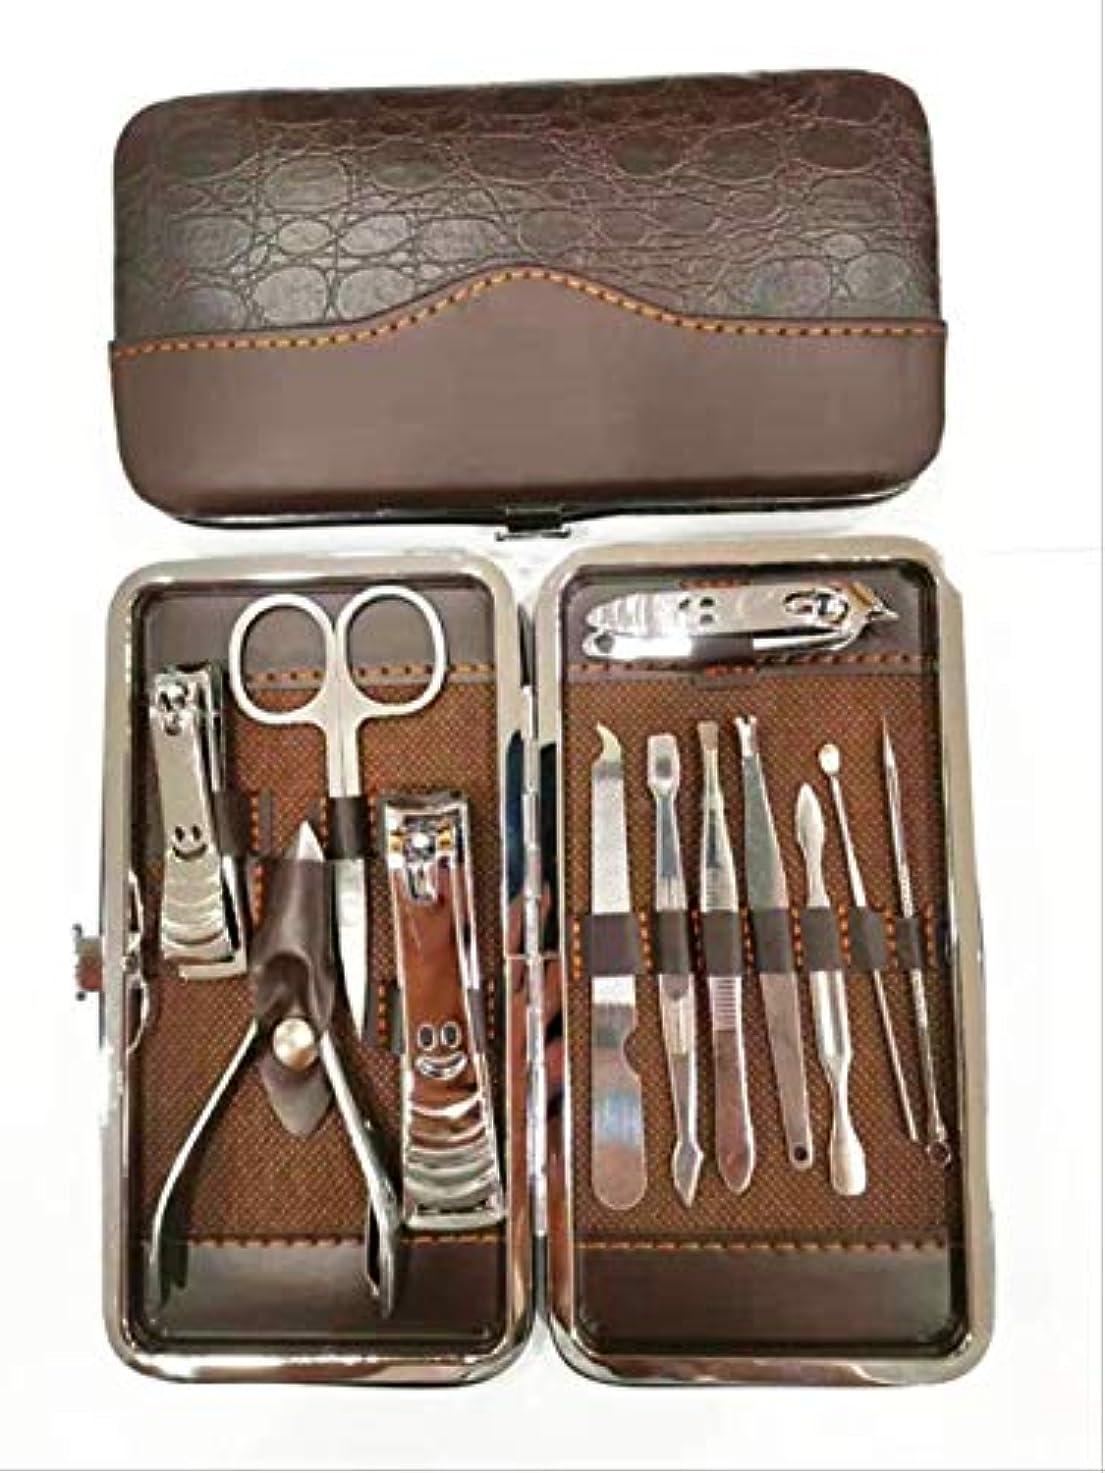 膨張するストライク北西爪切りセット16ピースペディキュアナイフ美容プライヤー爪ツール 7119キューバパターン